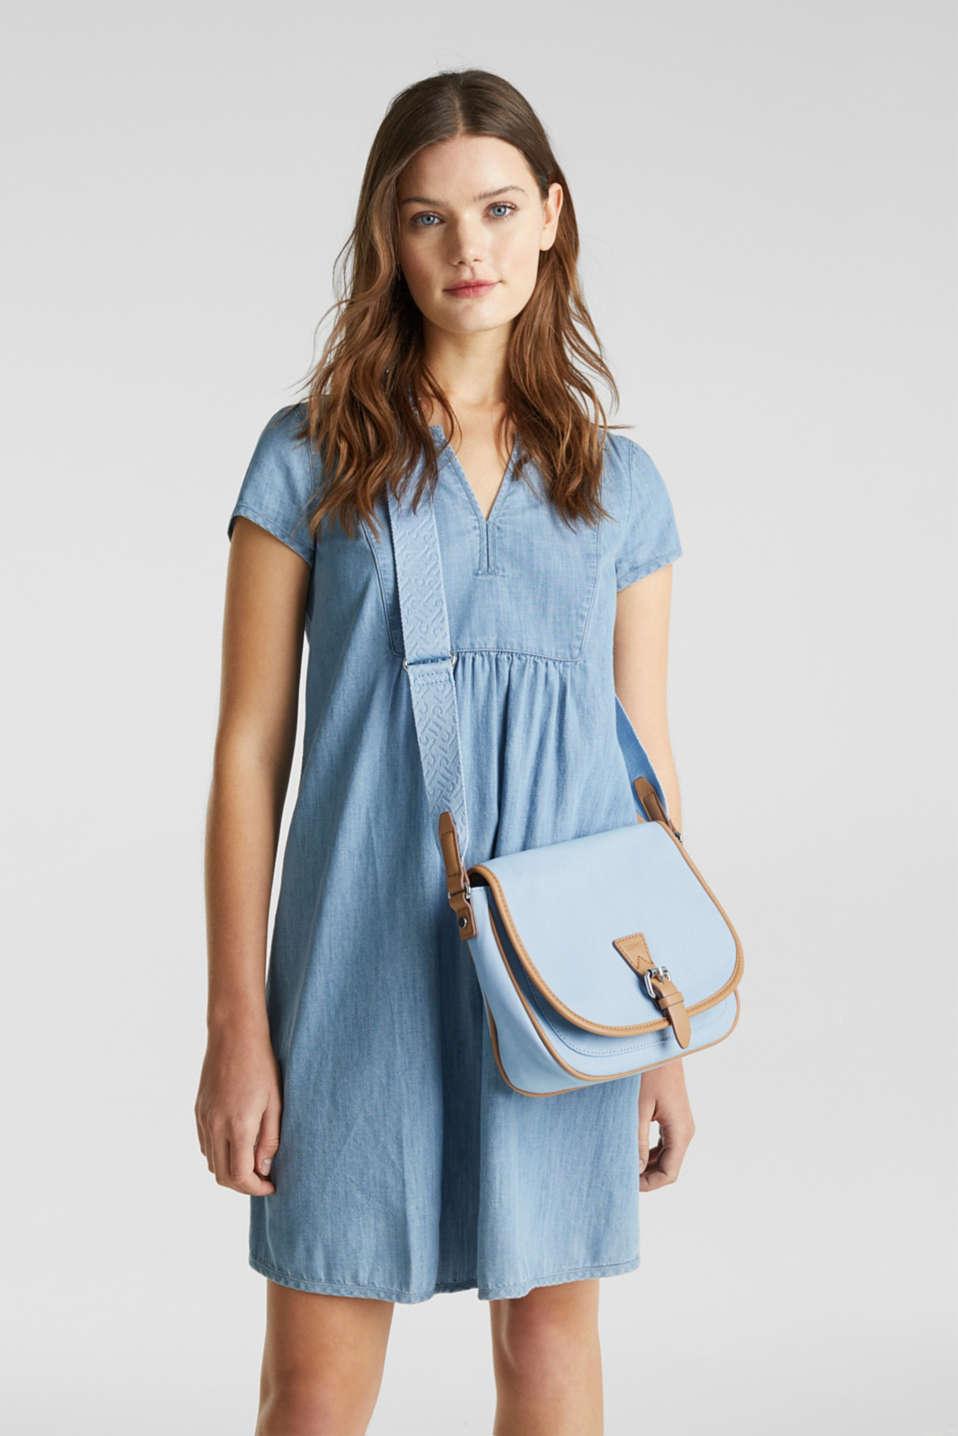 Susie T. shoulder bag, LIGHT BLUE, detail image number 1